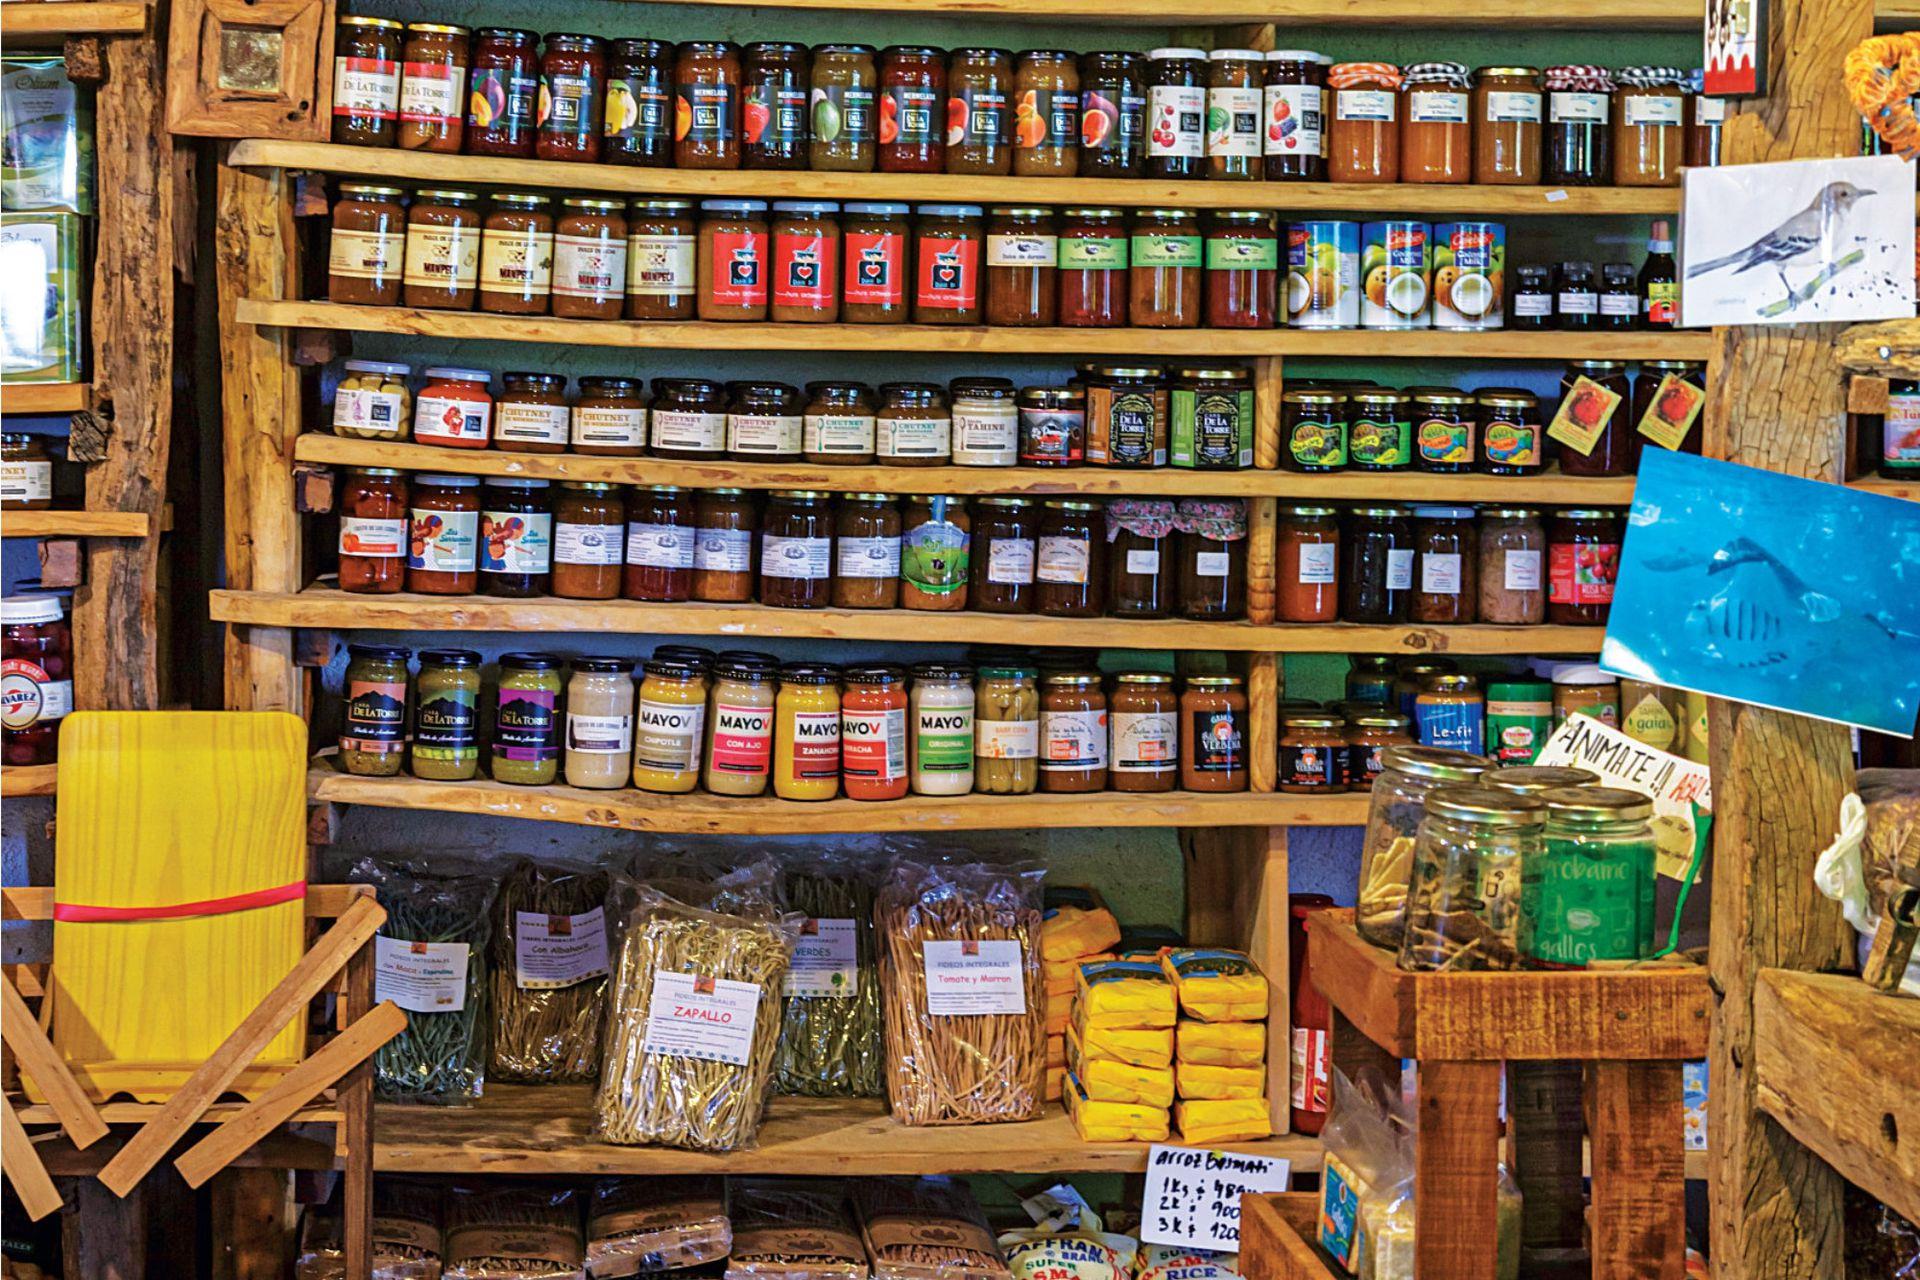 Delicatessen, vinos orgánicos, semillas, infusiones y más en el almacén natural Aloe.